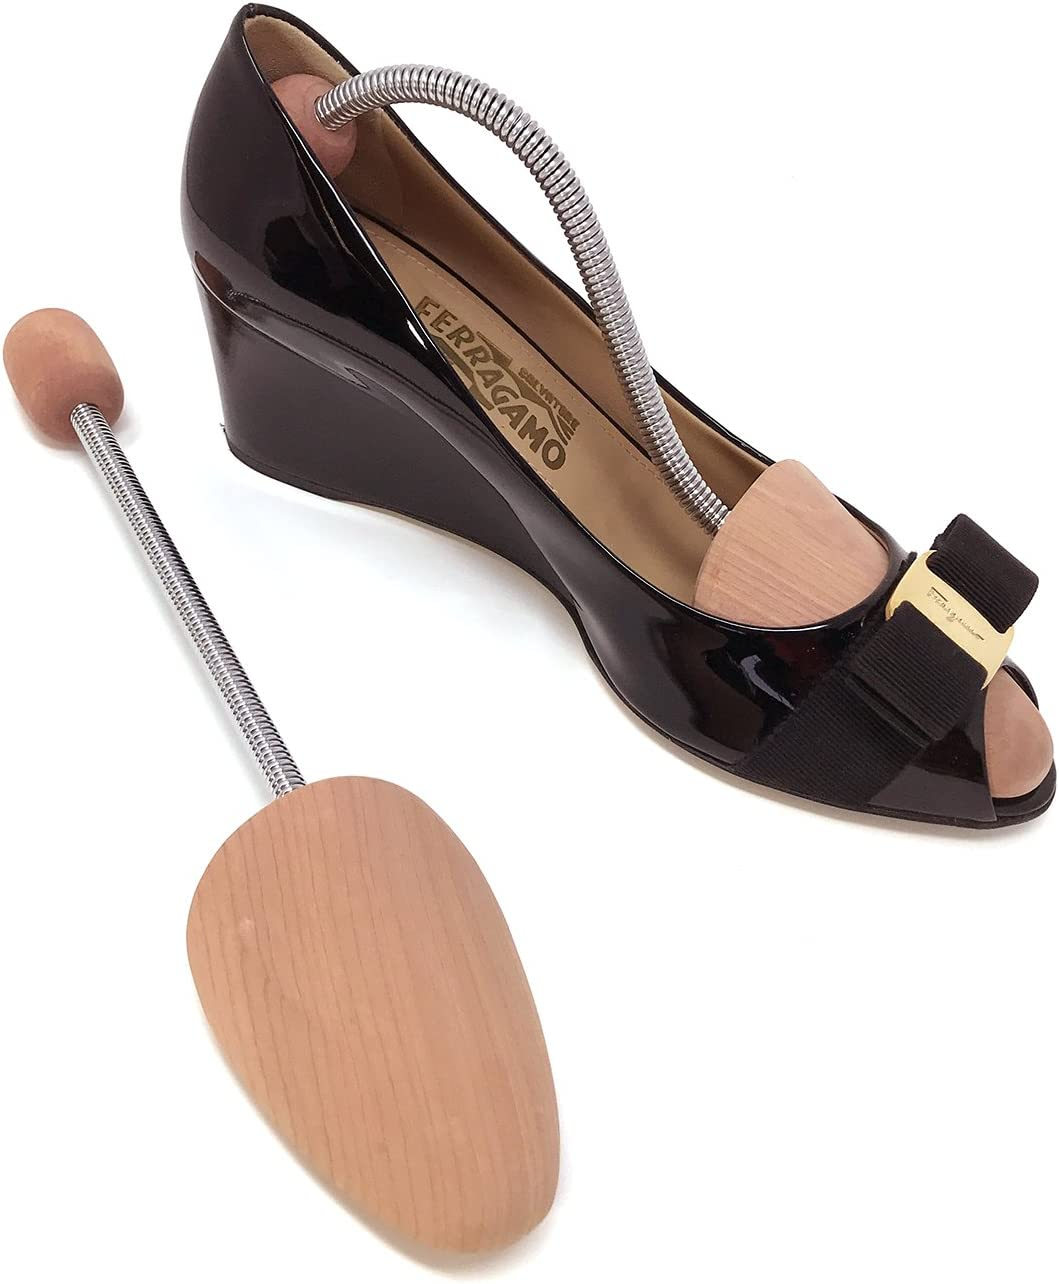 Cedar Elements Women's European Style Shoe Trees Ranking TOP16 Medium Louisville-Jefferson County Mall